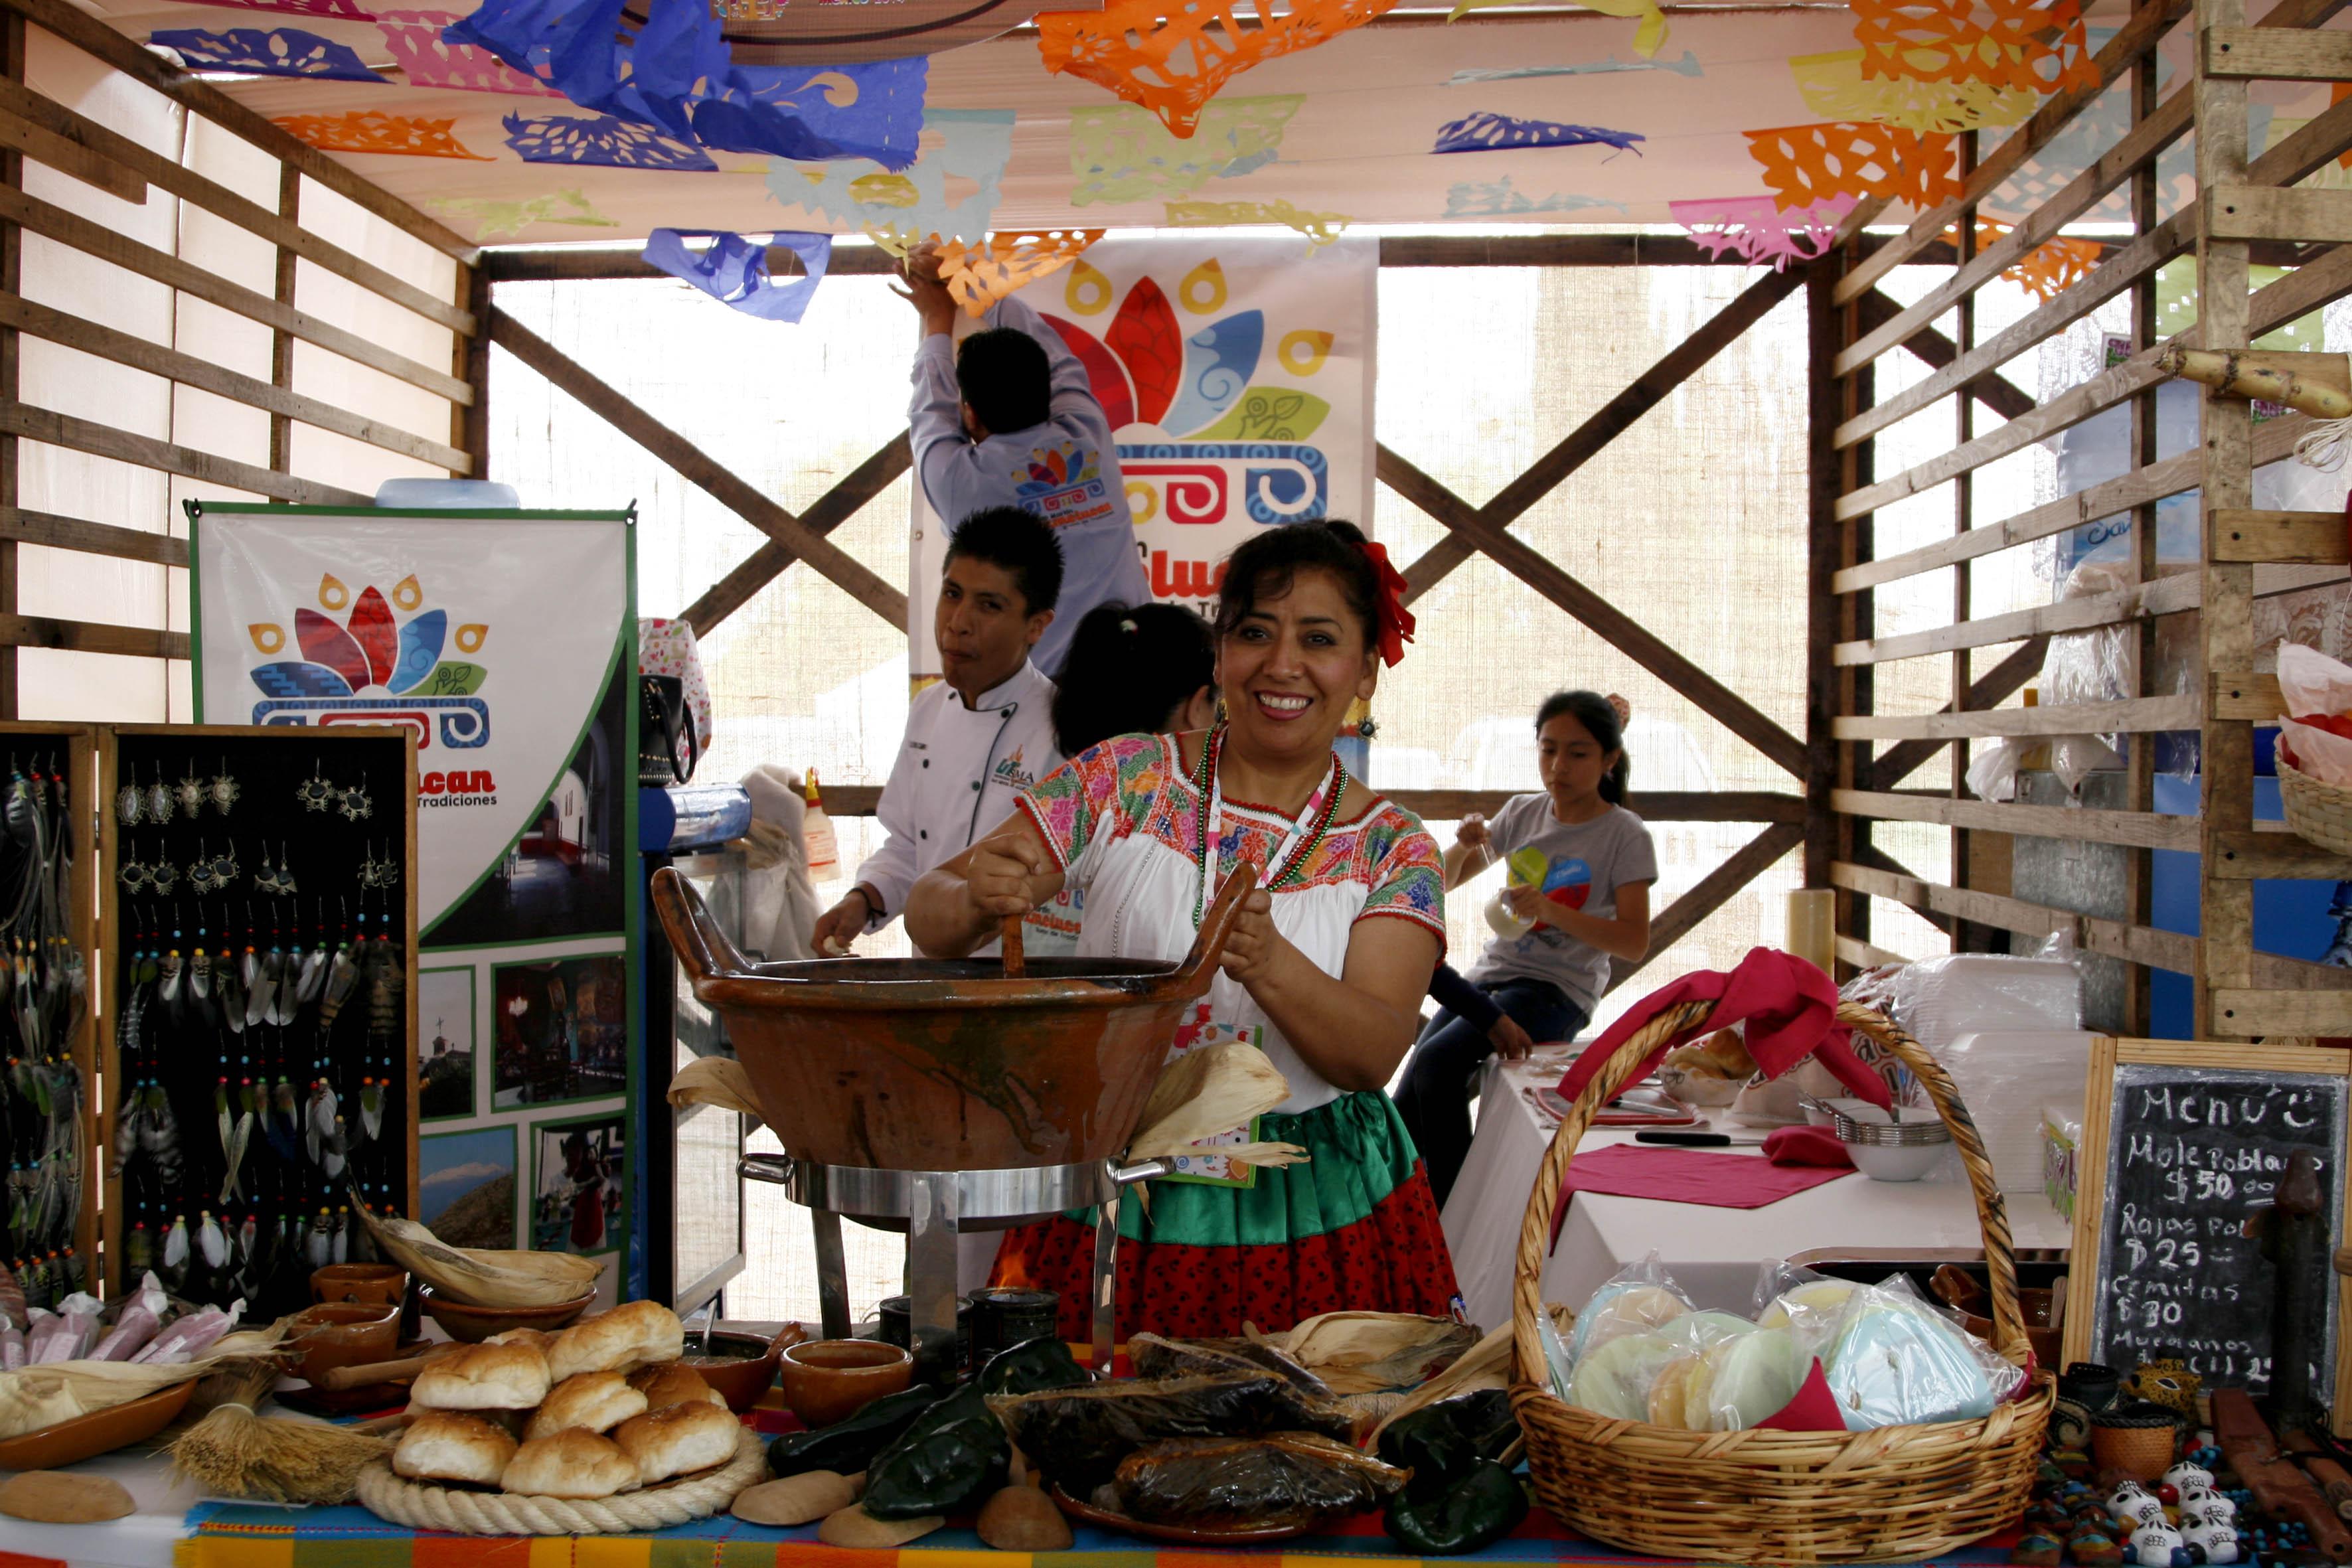 turismo culturaljpg